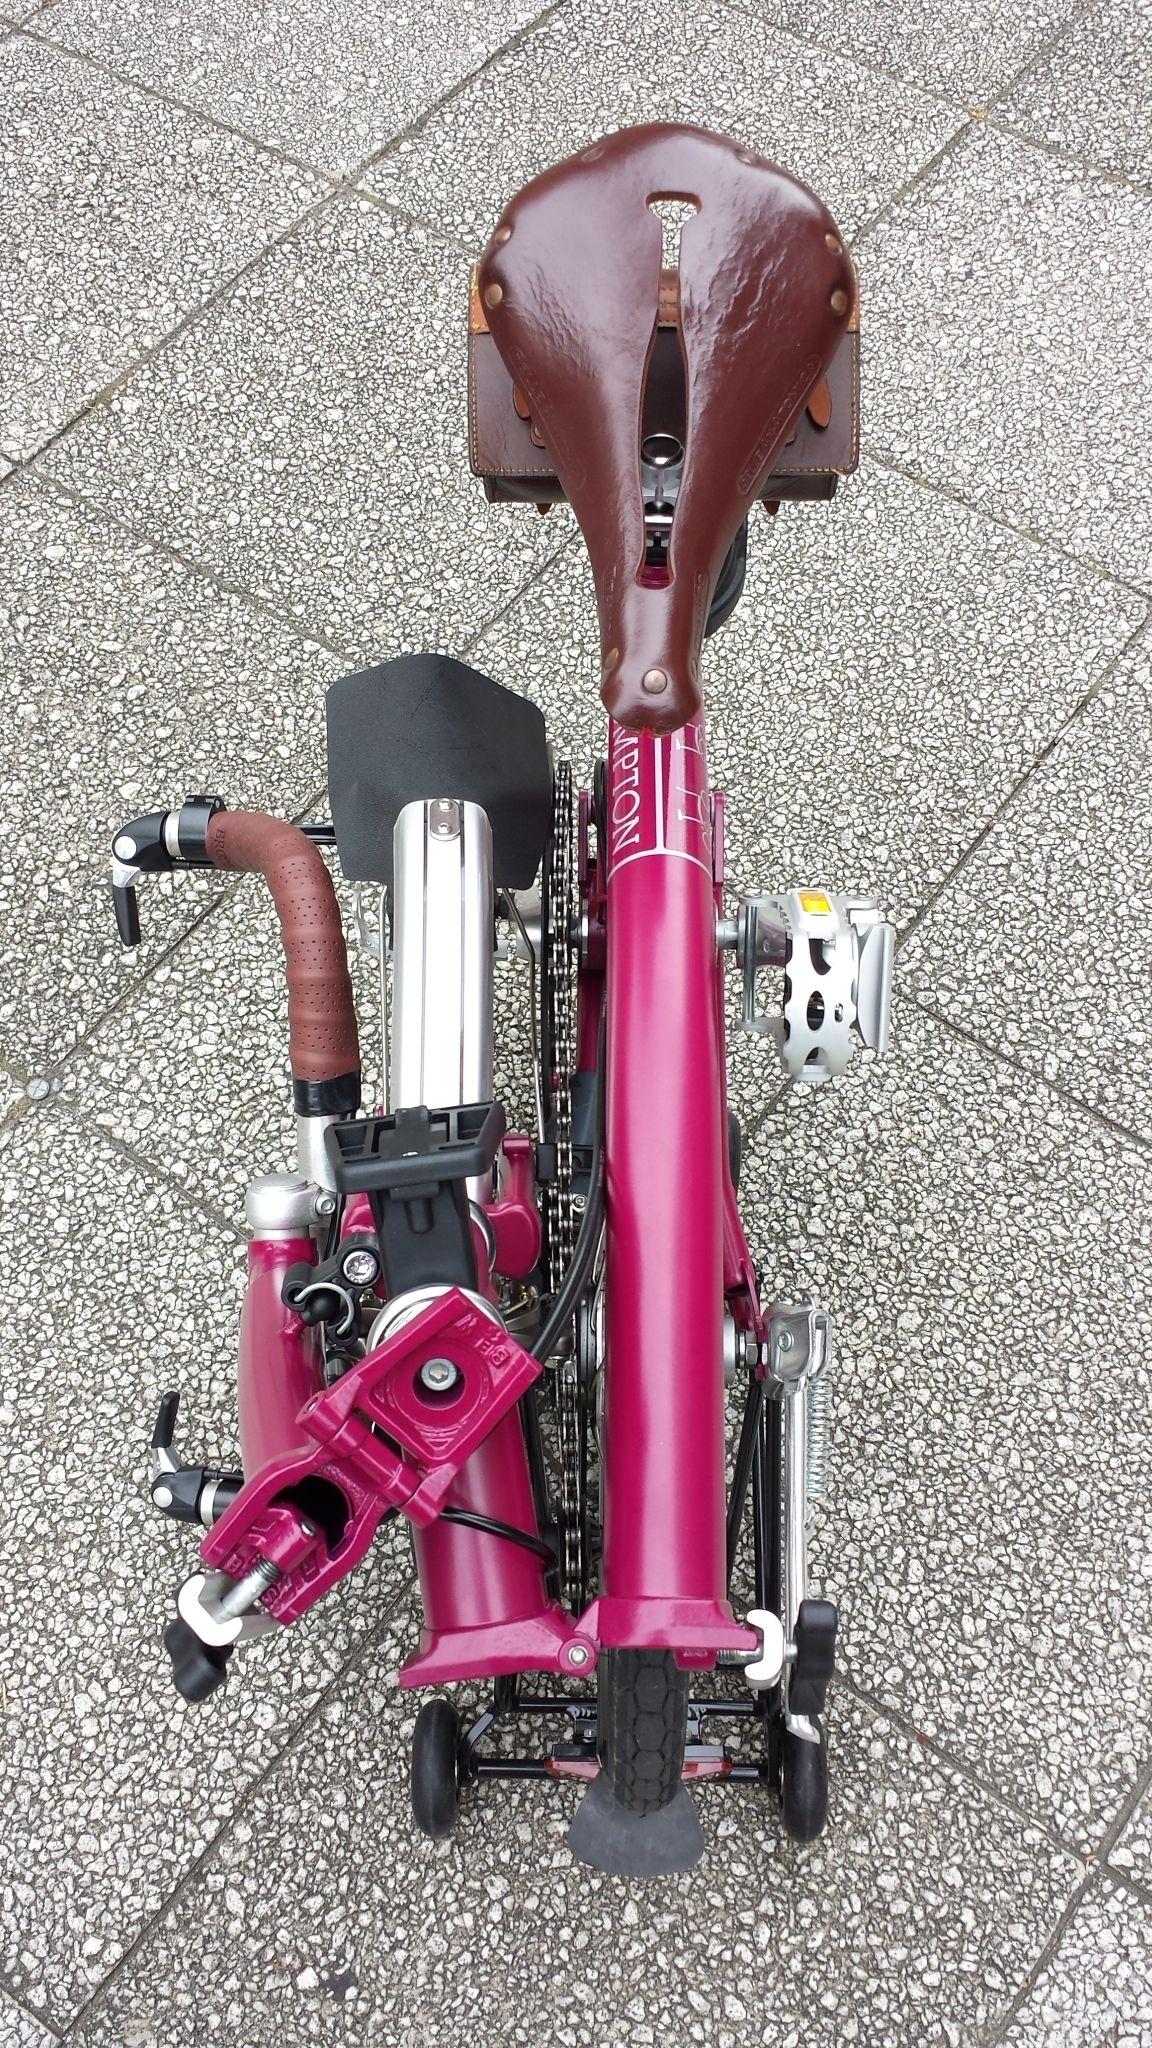 カスタム :: Brompton Bullhorn Custom :: 折りたたみ自転車・小径車・リカンベント専門店 :: LORO HPV Group ローロ HPV グループ